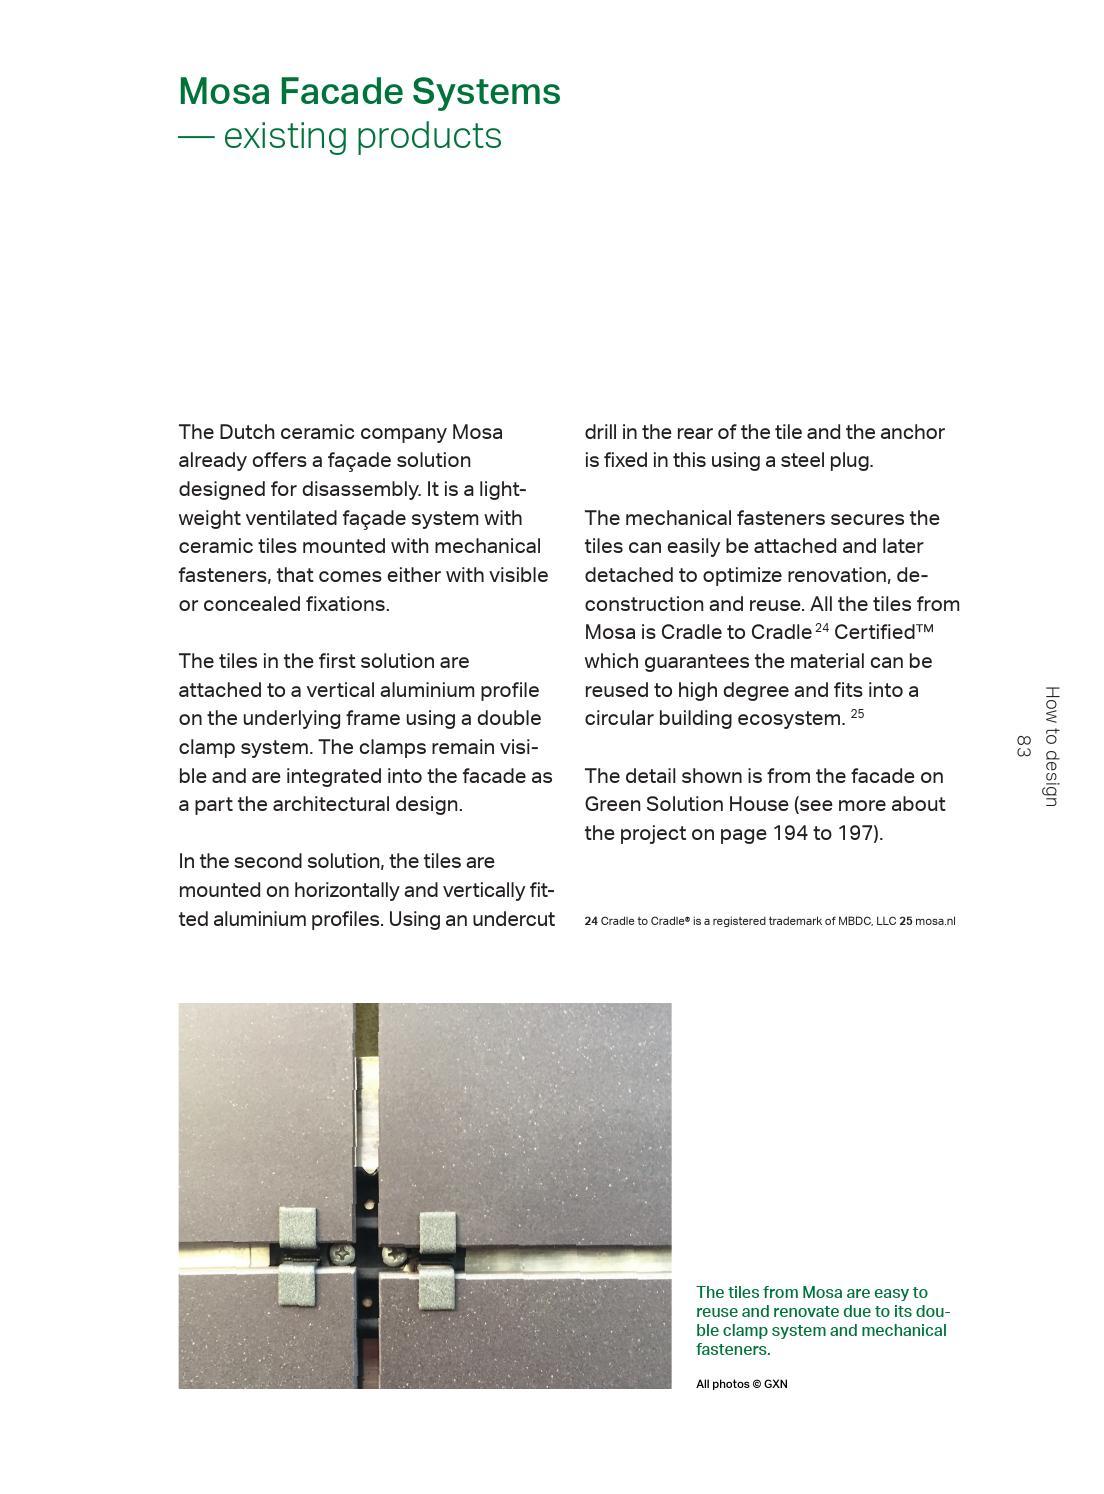 Building A Circular Future by 3XN_GXN - issuu